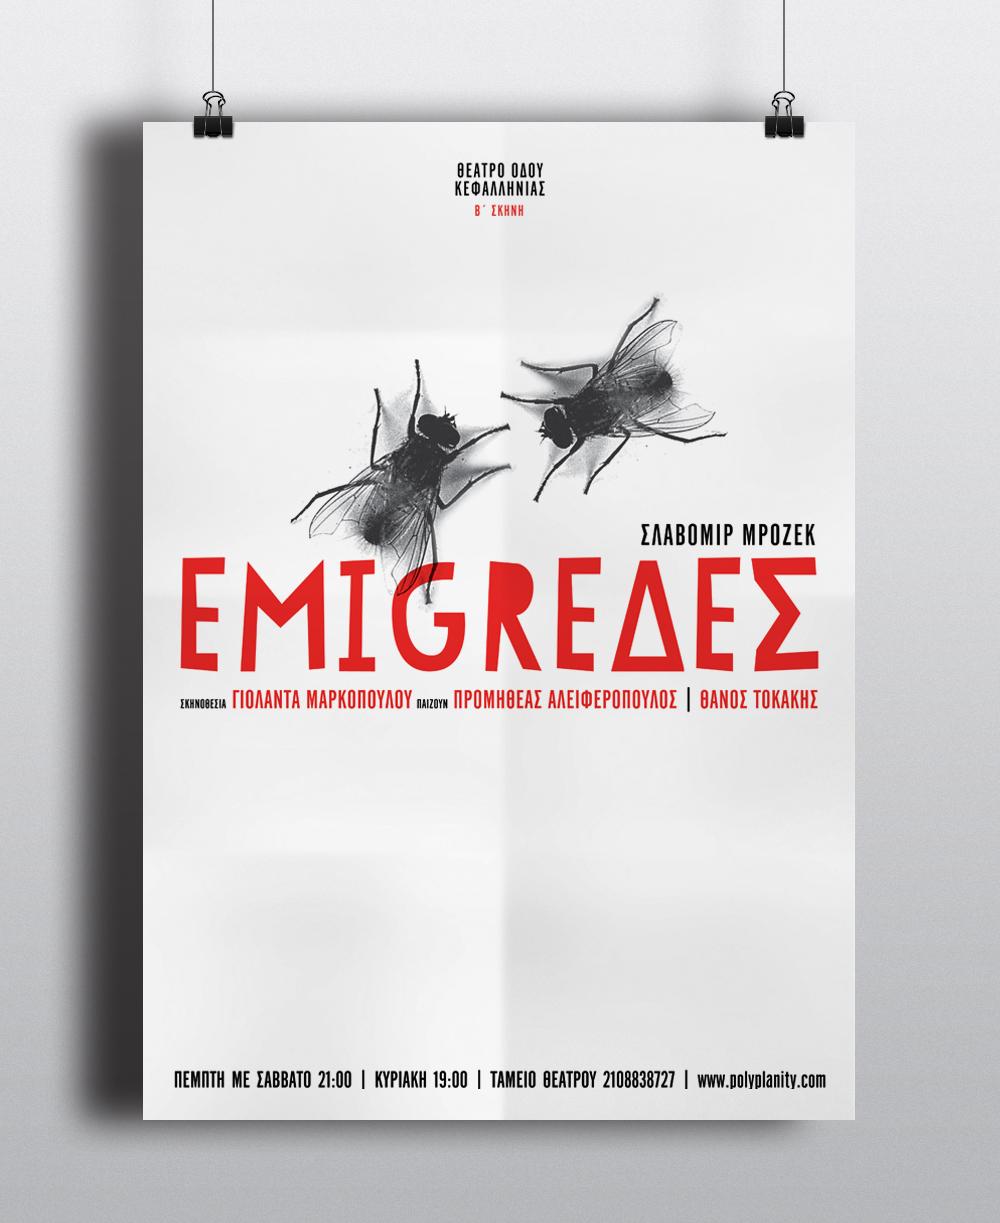 EMIGREDES